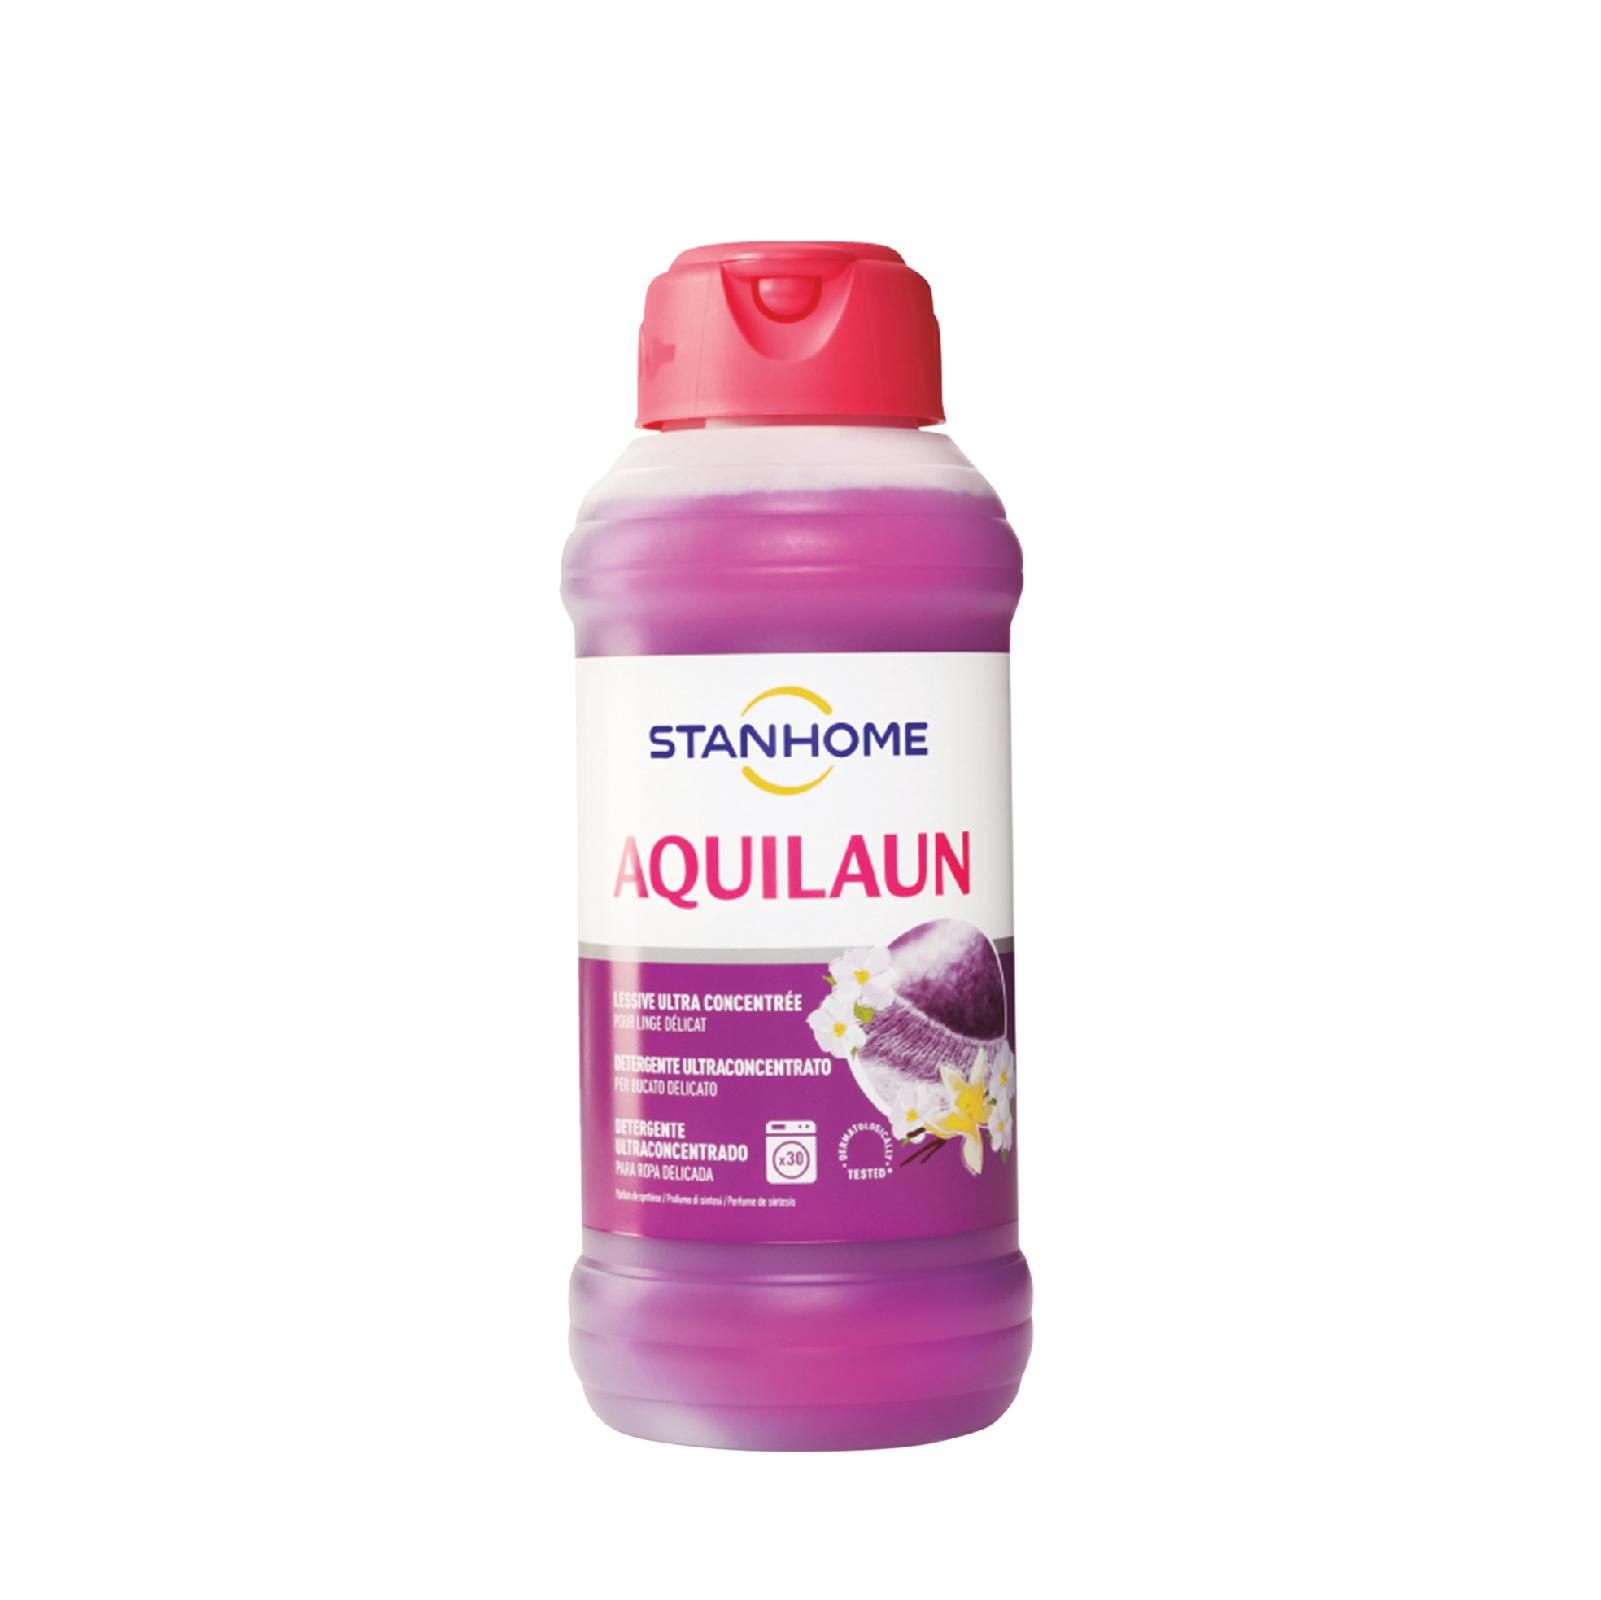 Nước giặt đậm đặc cho đồ len, lụa trắng và sáng màu Stanhome Aquilaun 750ml